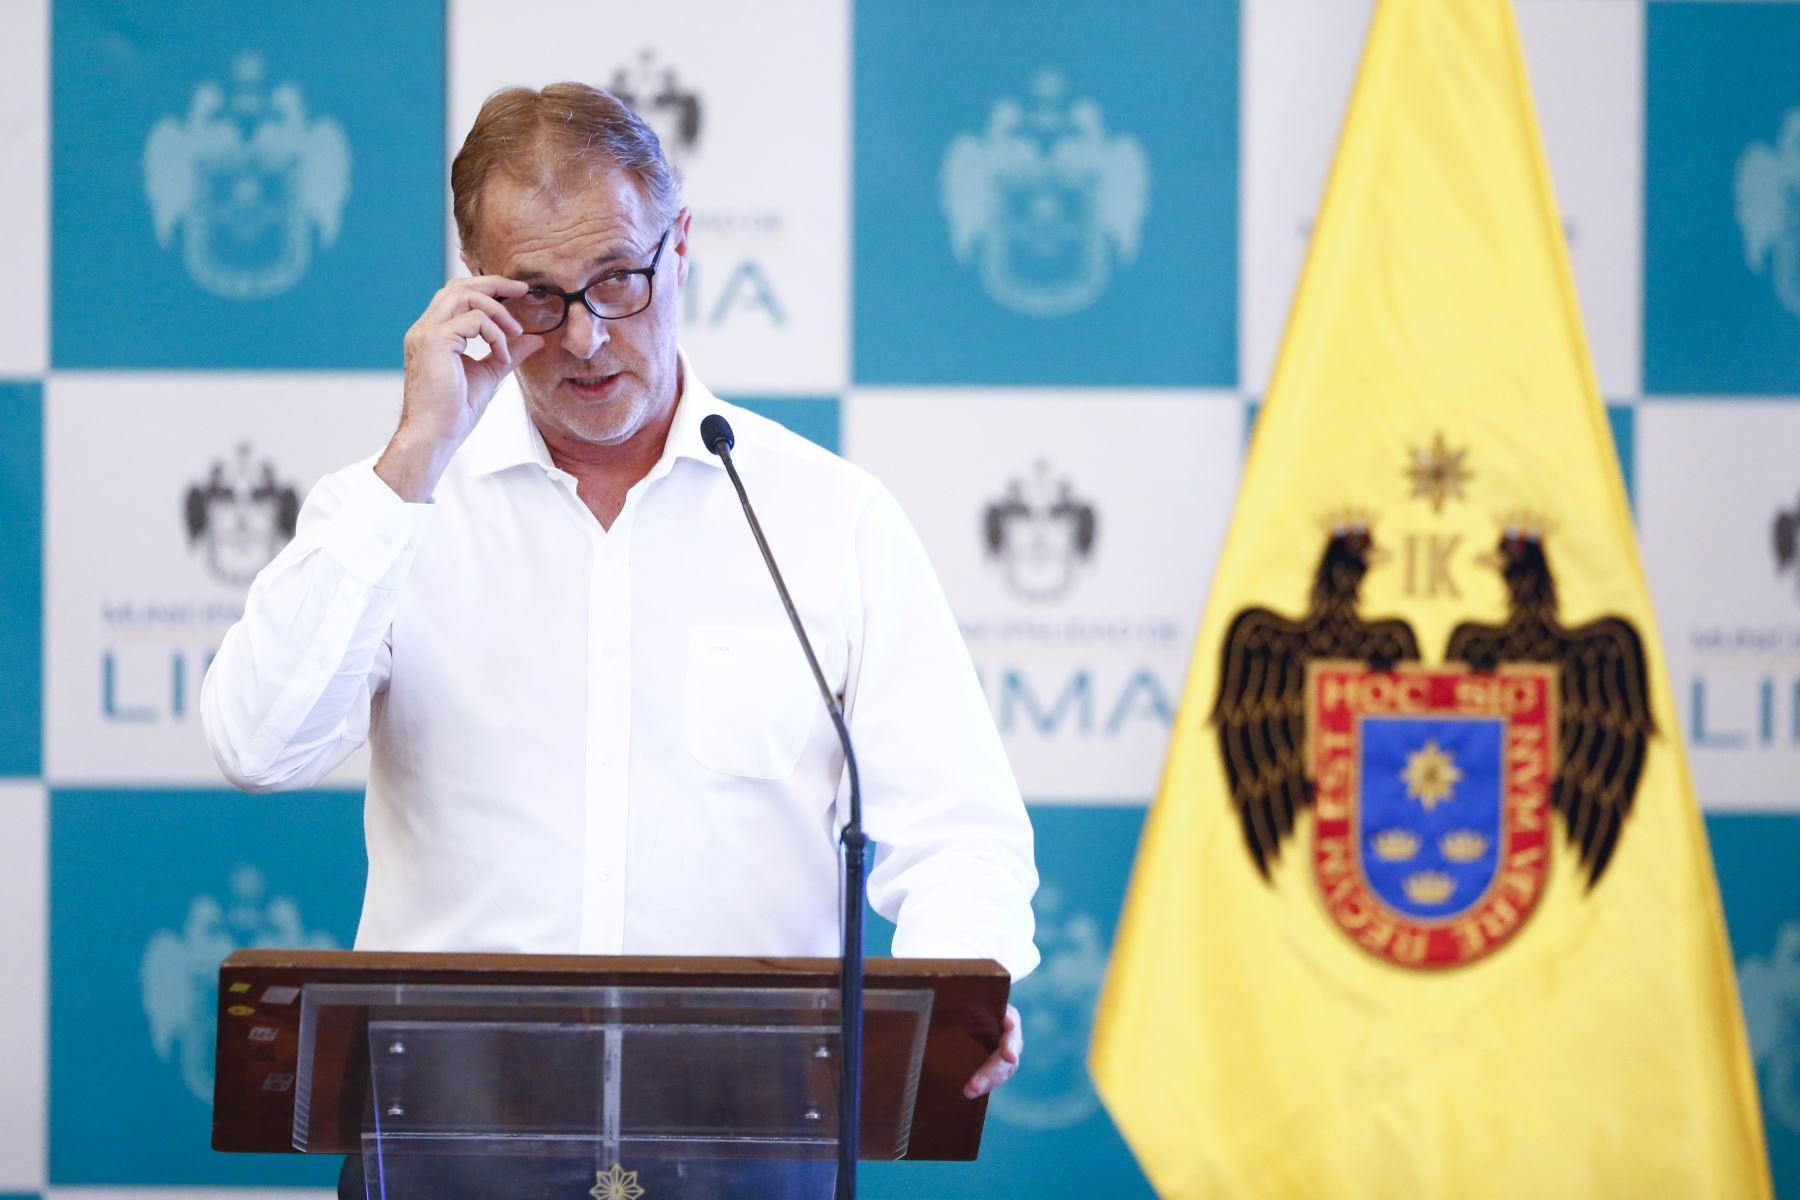 El alcalde de Lima, Jorge Muñoz, informa sobre los principales logros de su gestión durante el 2019. Foto: ANDINA/Jhonel Rodríguez Robles